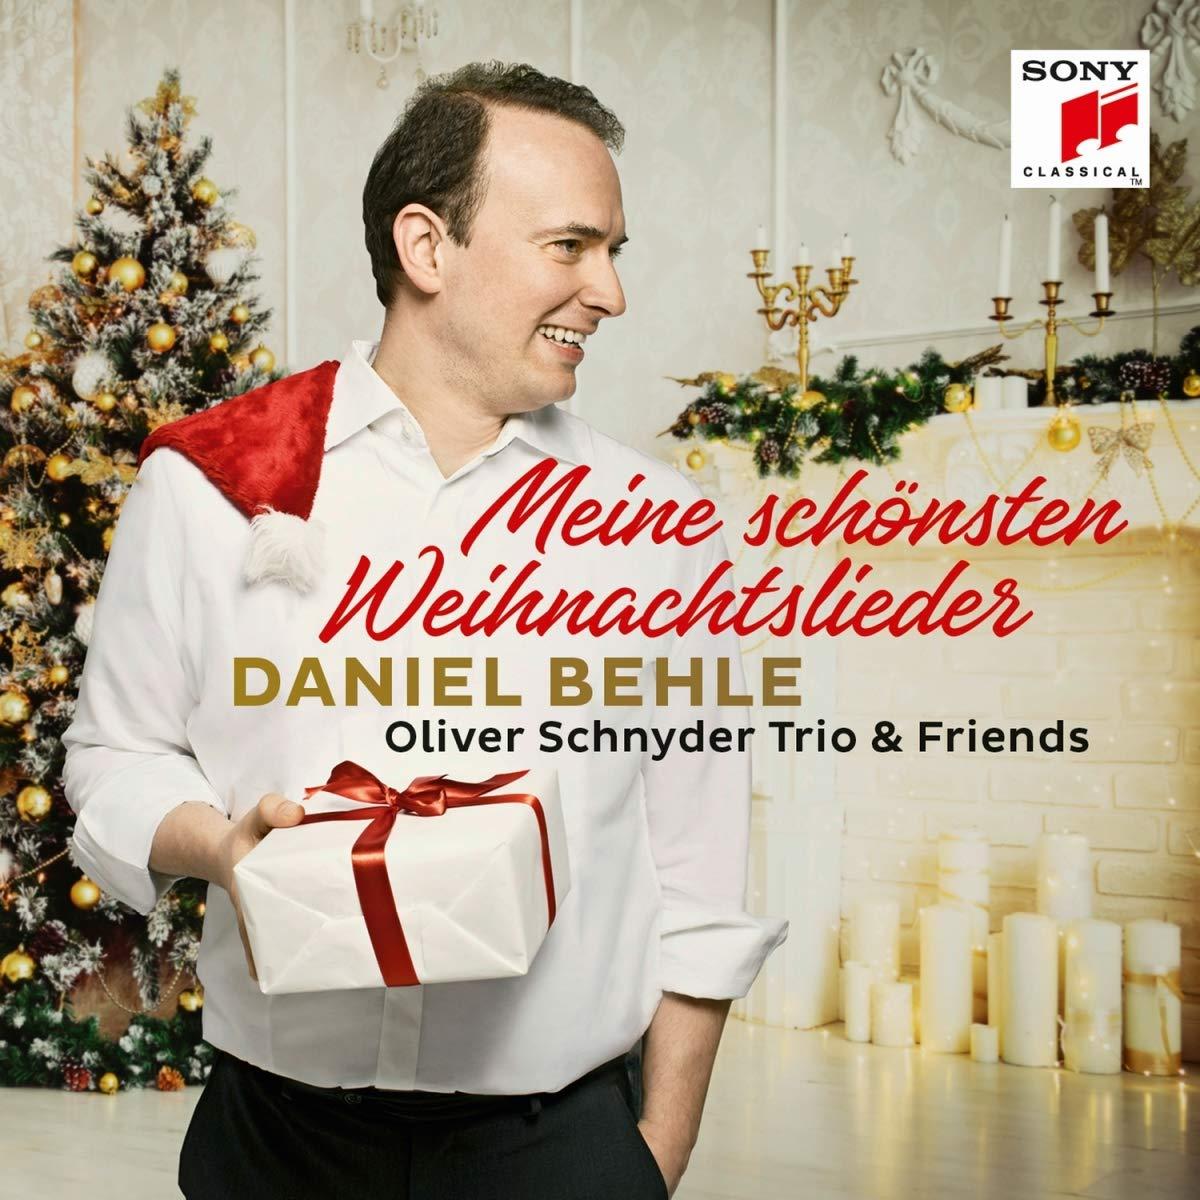 CD : BEHLE, DANIEL / SCHNYDER, OLIVER - Meine Schonsten Weihnachtslieder (Asia - Import)